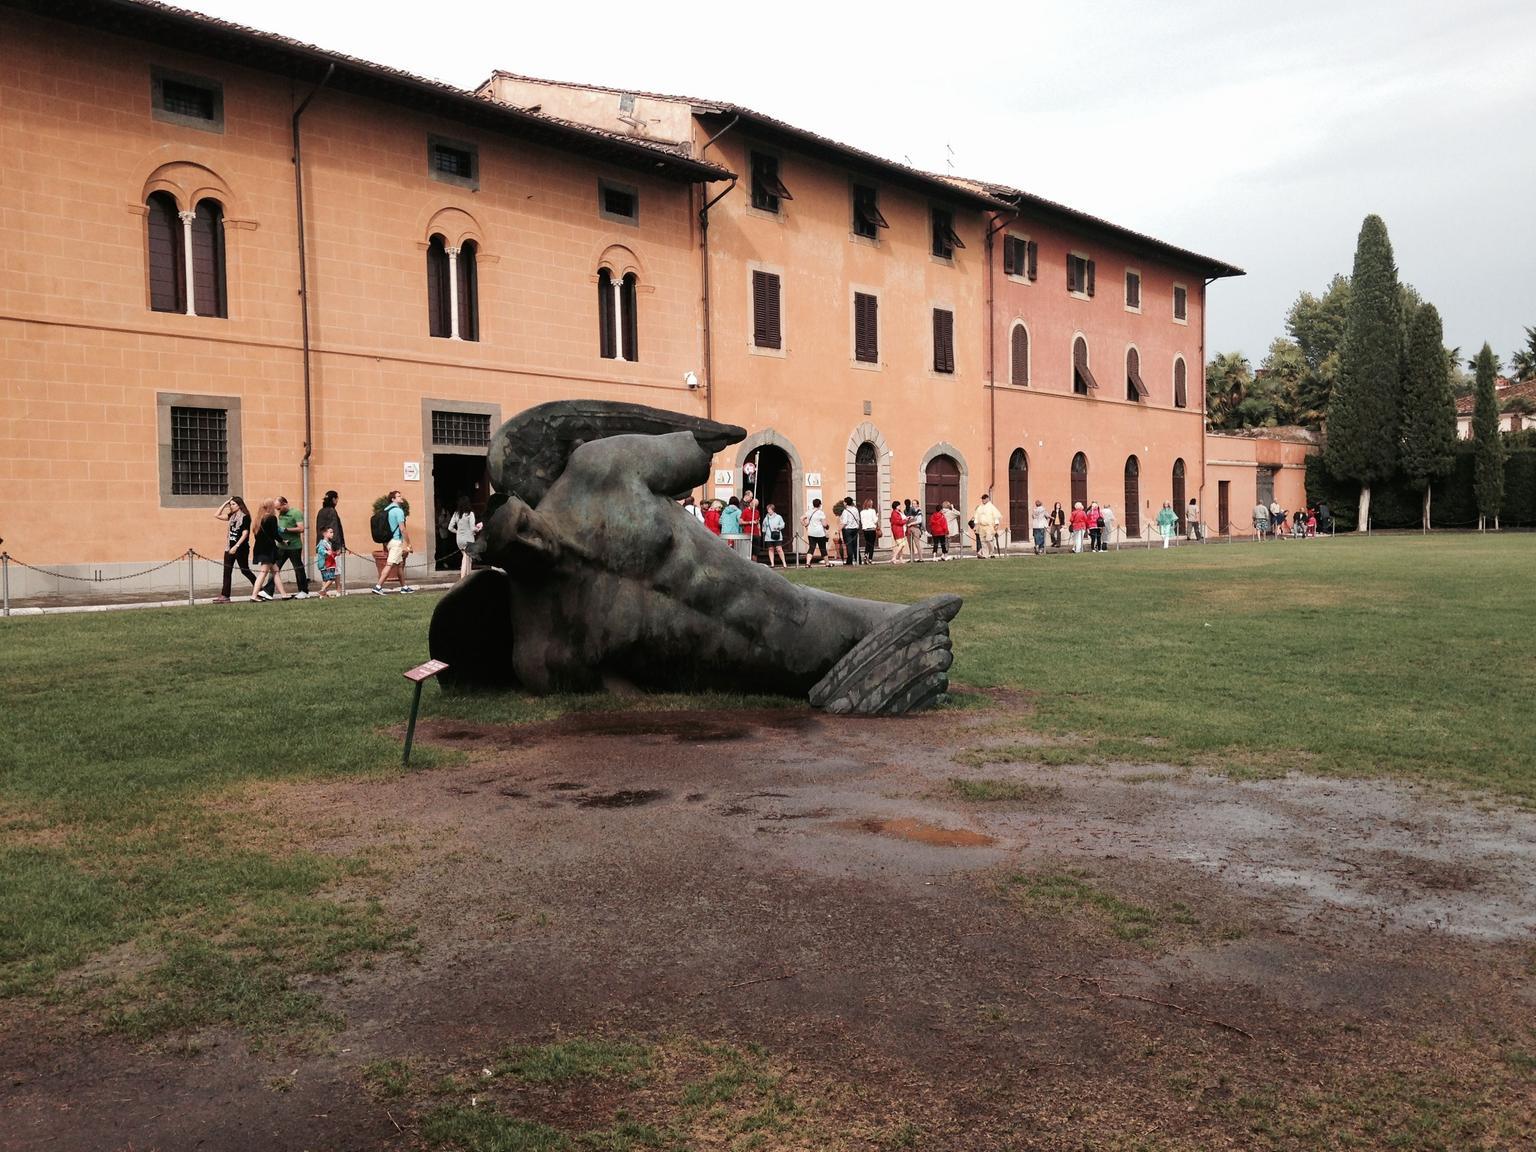 MÁS FOTOS, Recorrido a pie cultural por Pisa con entrada a la Torre inclinada